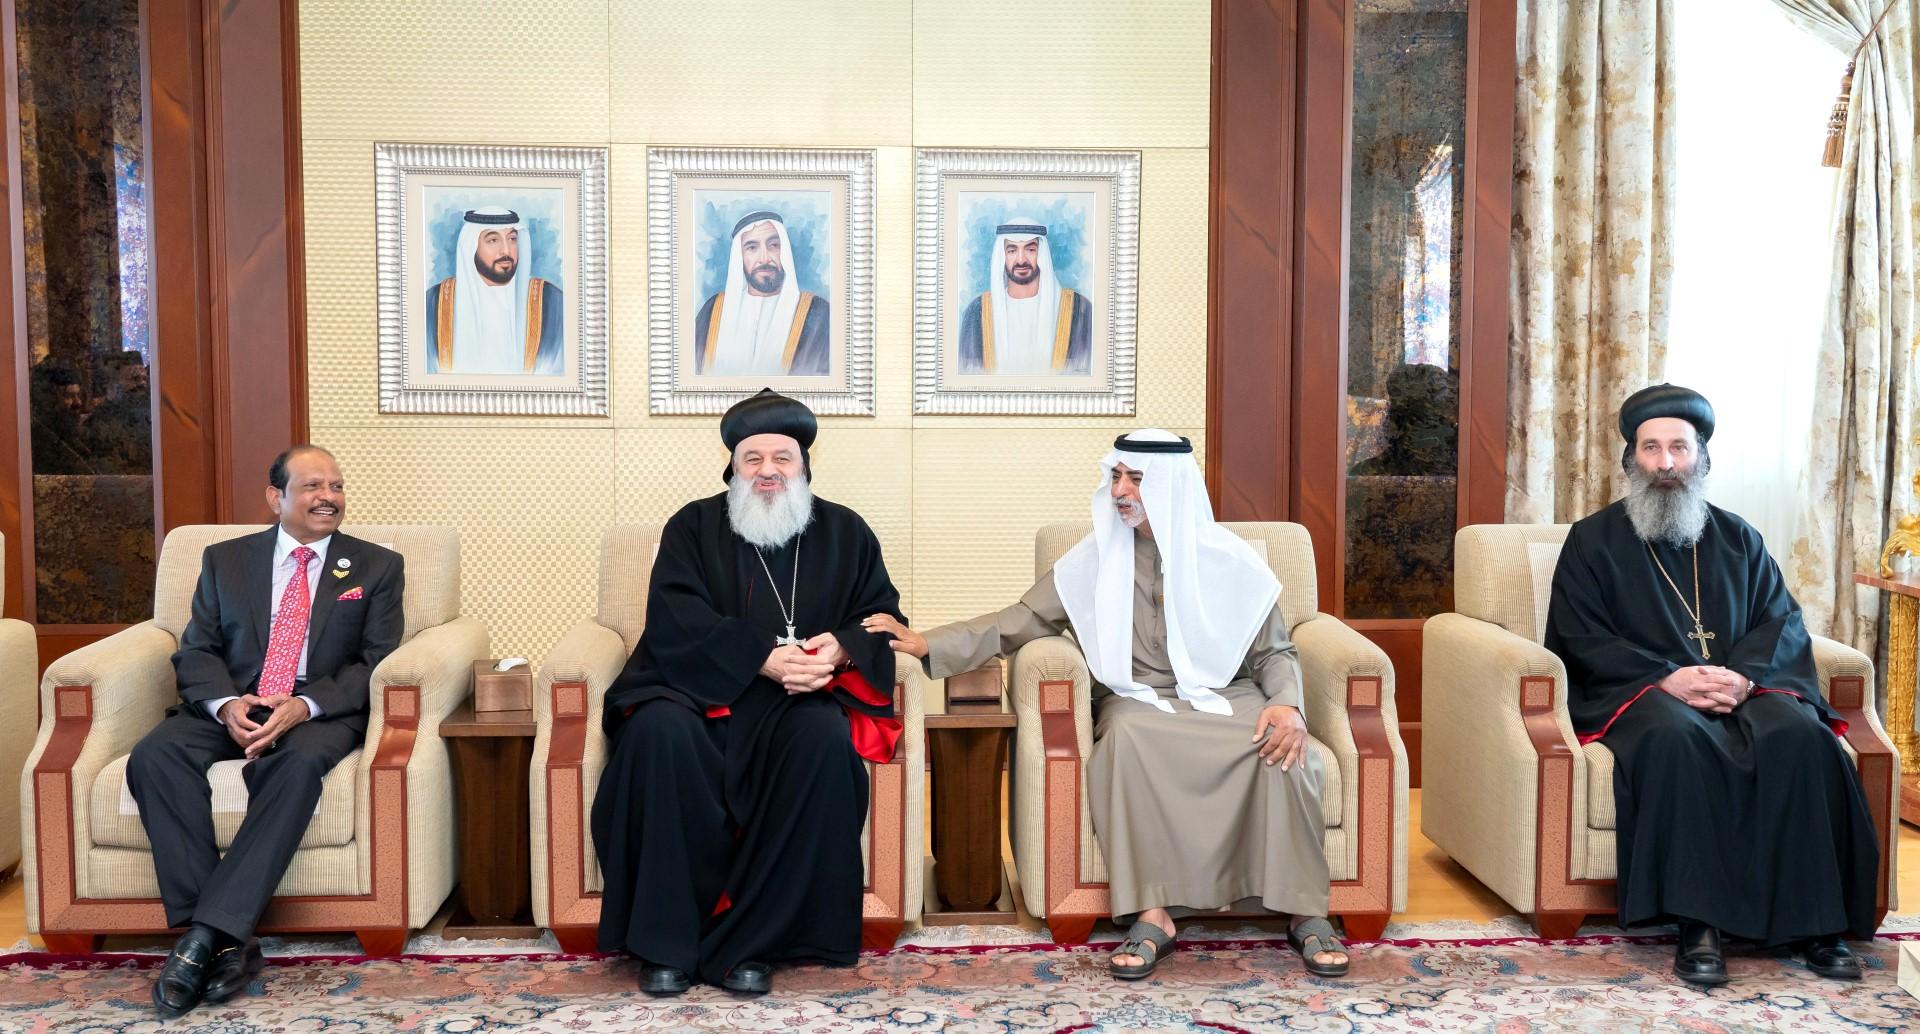 نهيان بن مبارك يستقبل الرئيس الأعلى للكنيسة السريانية الأرثوذكسية في العالم